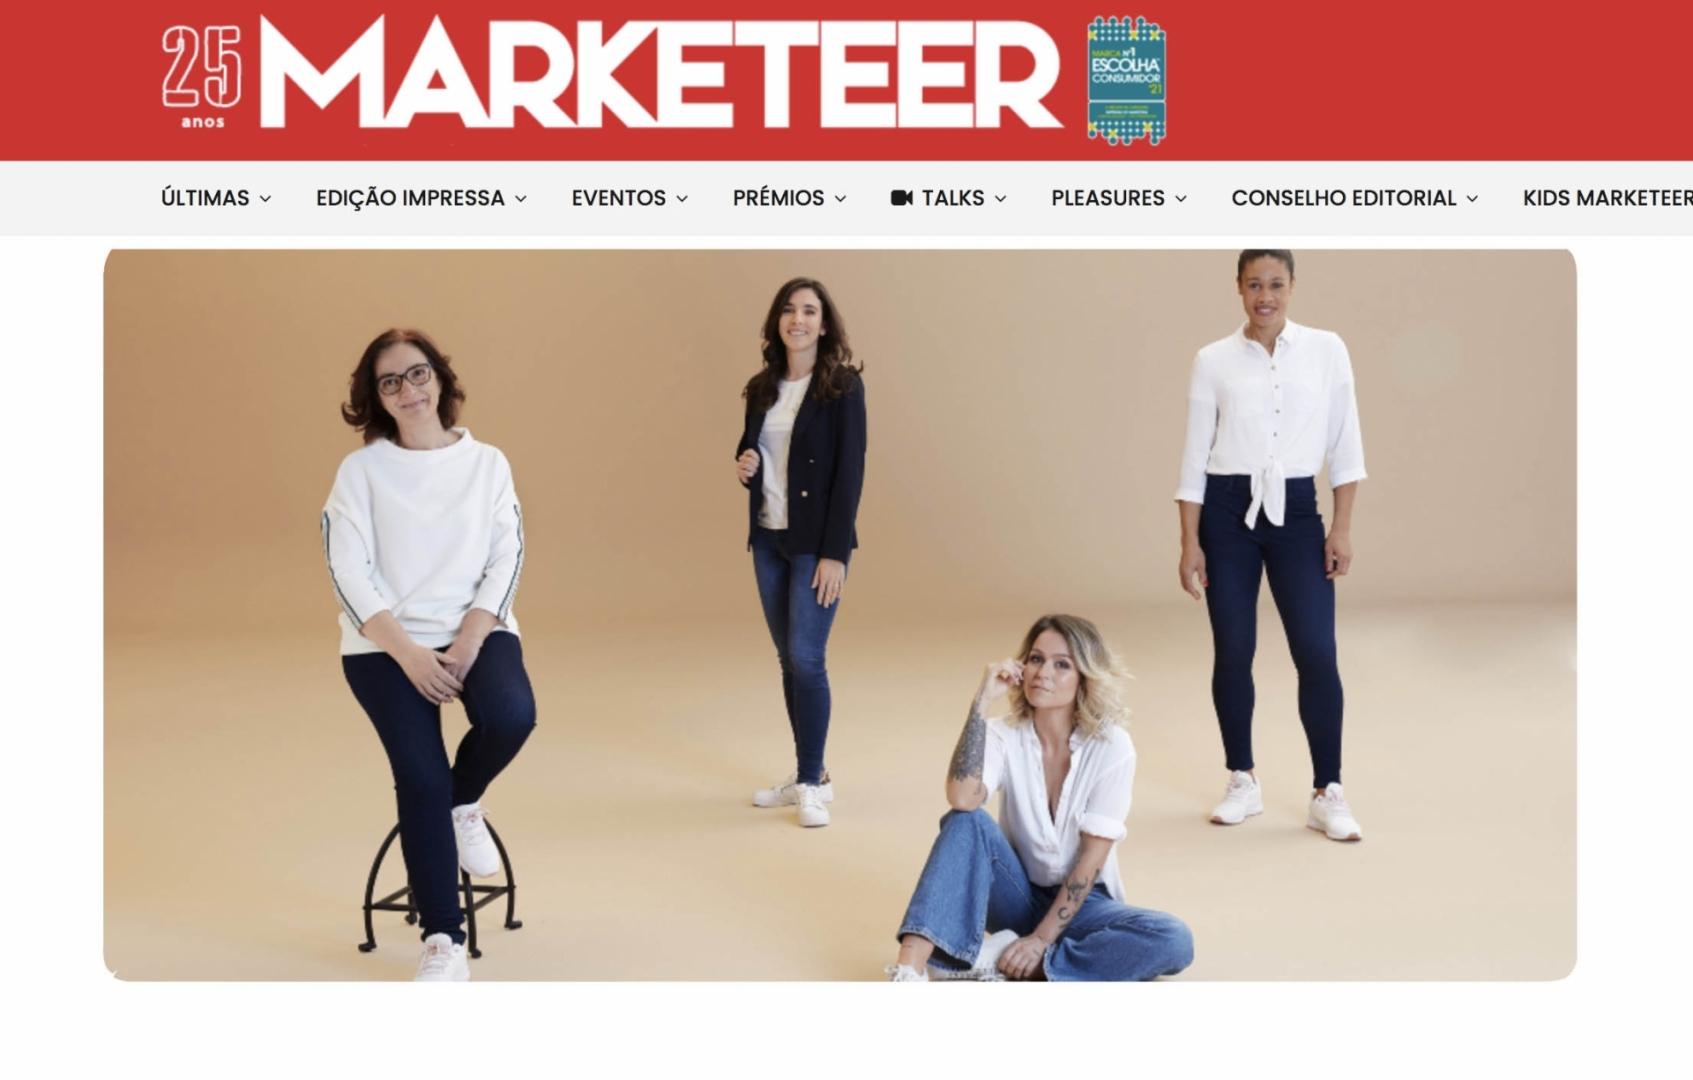 Carolina Piteira Press Marketeer - C&A dá voz a mulheres portuguesas em campanha internacional (1)